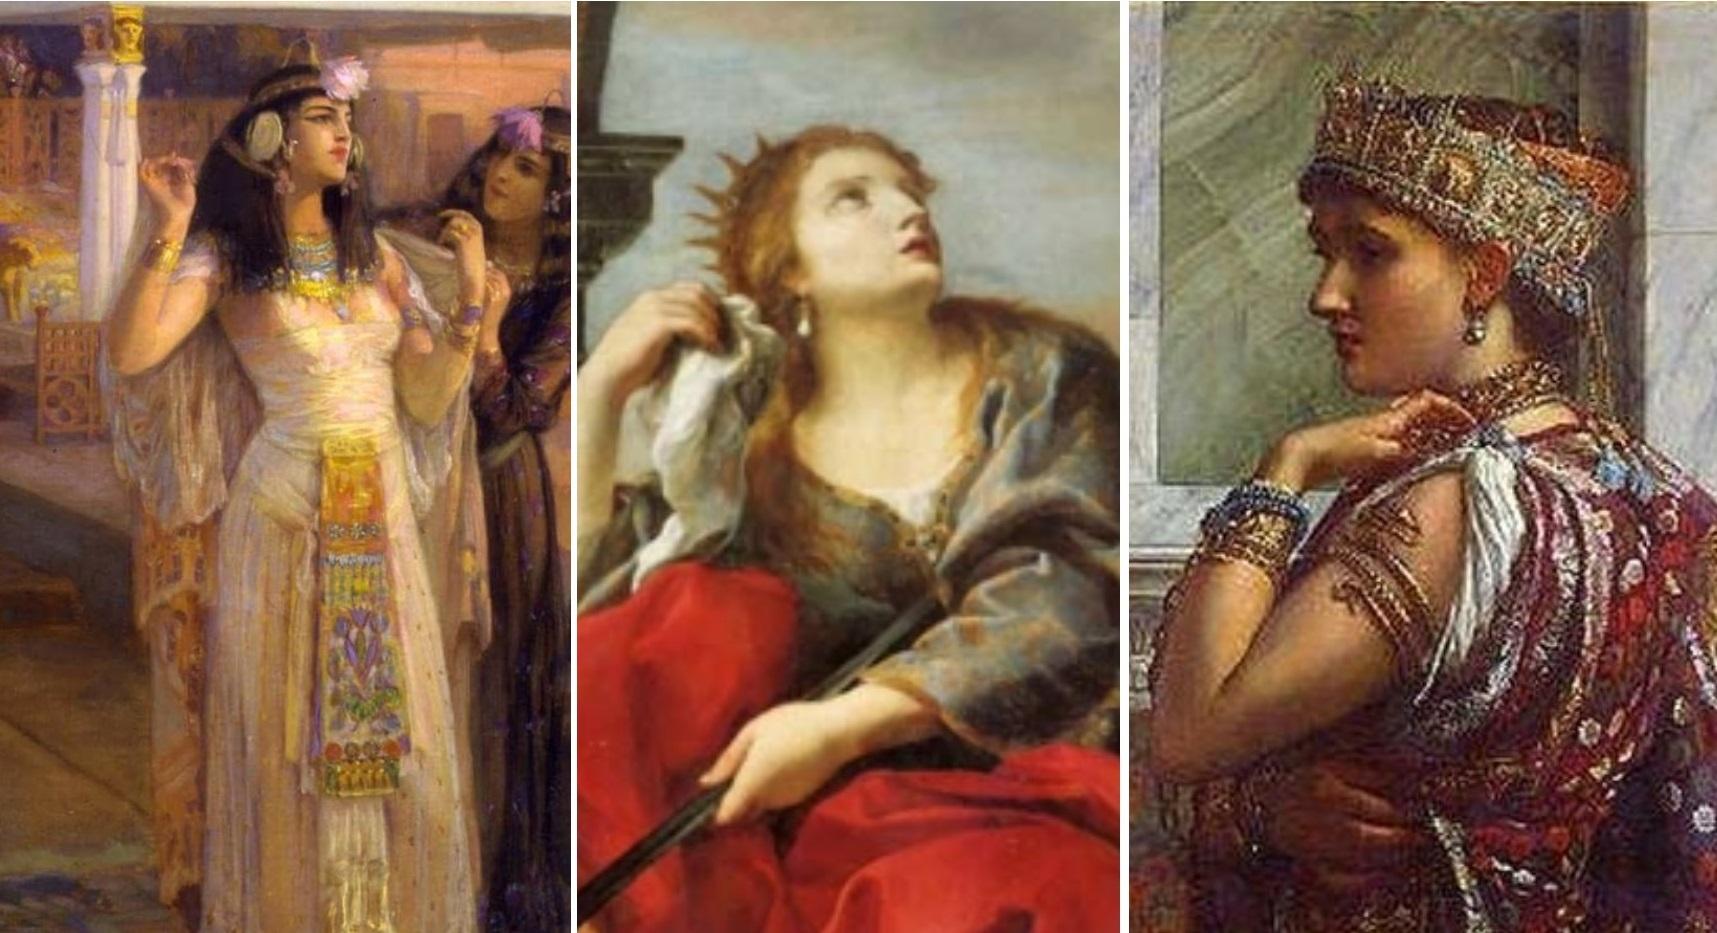 Life After Death: l'intervista alle tre regine Didone, Cleopatra e Zenobia